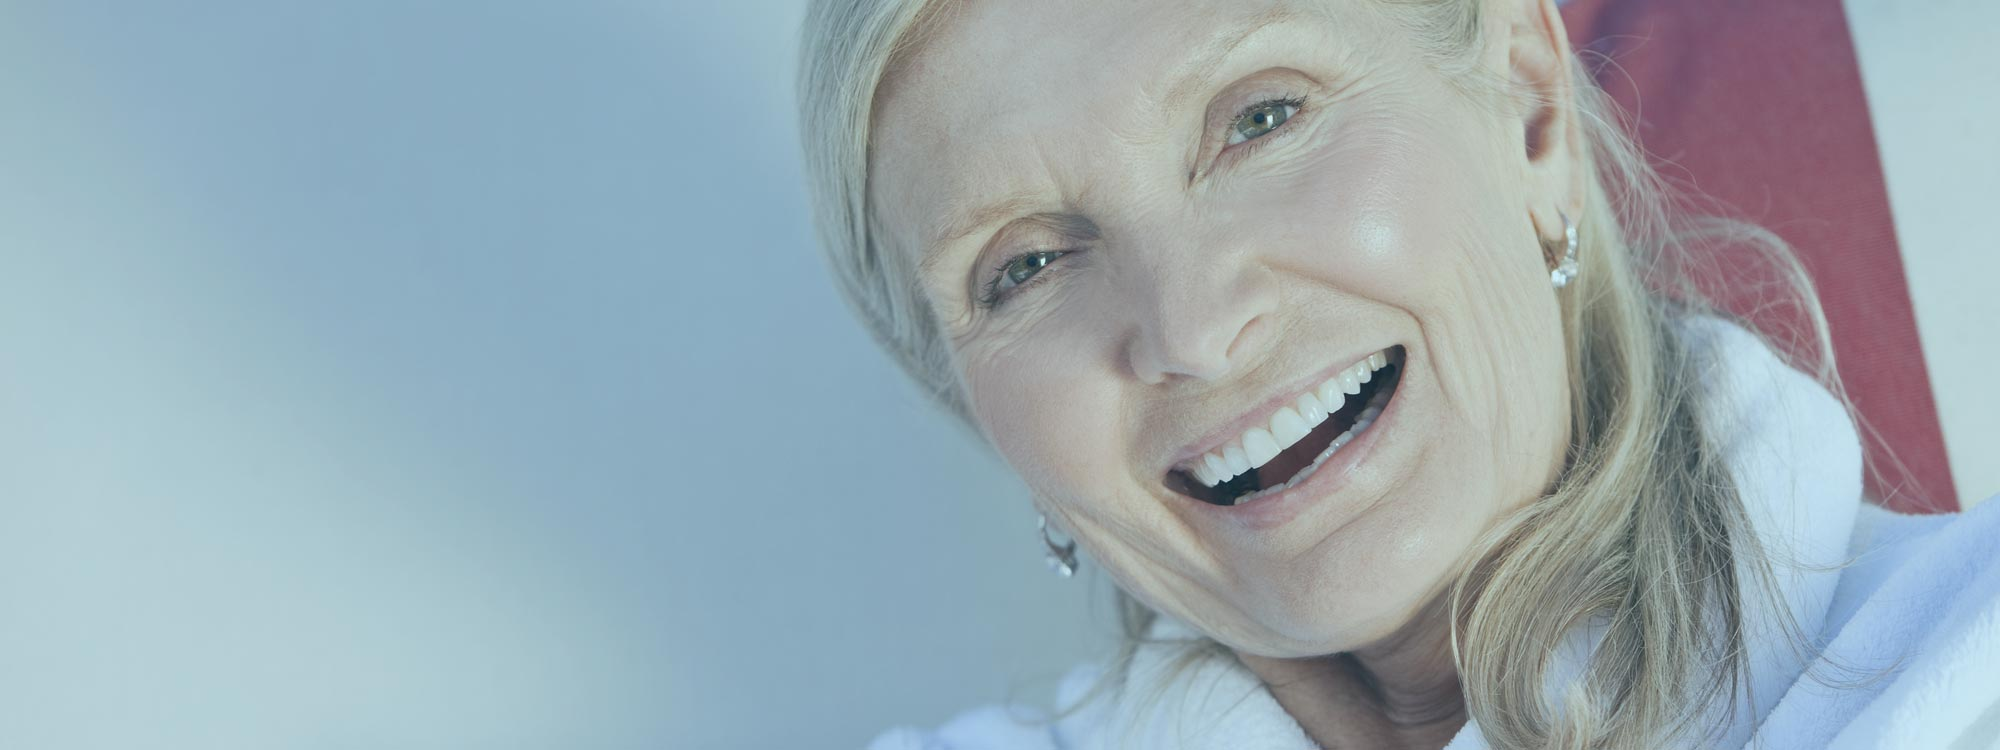 Ältere Dame - Vorwannenlift